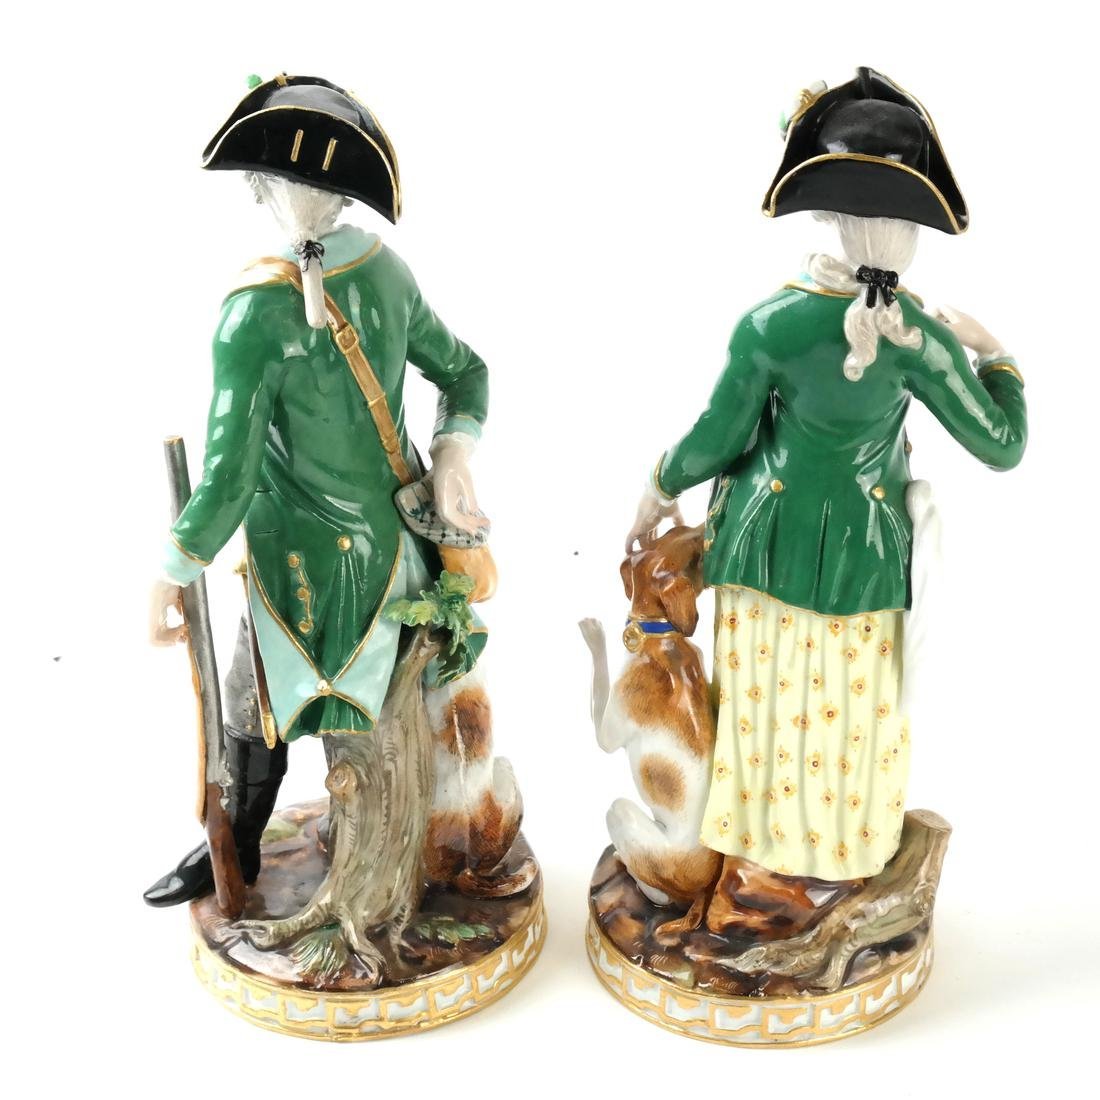 Pair of Meissen Figures - 2